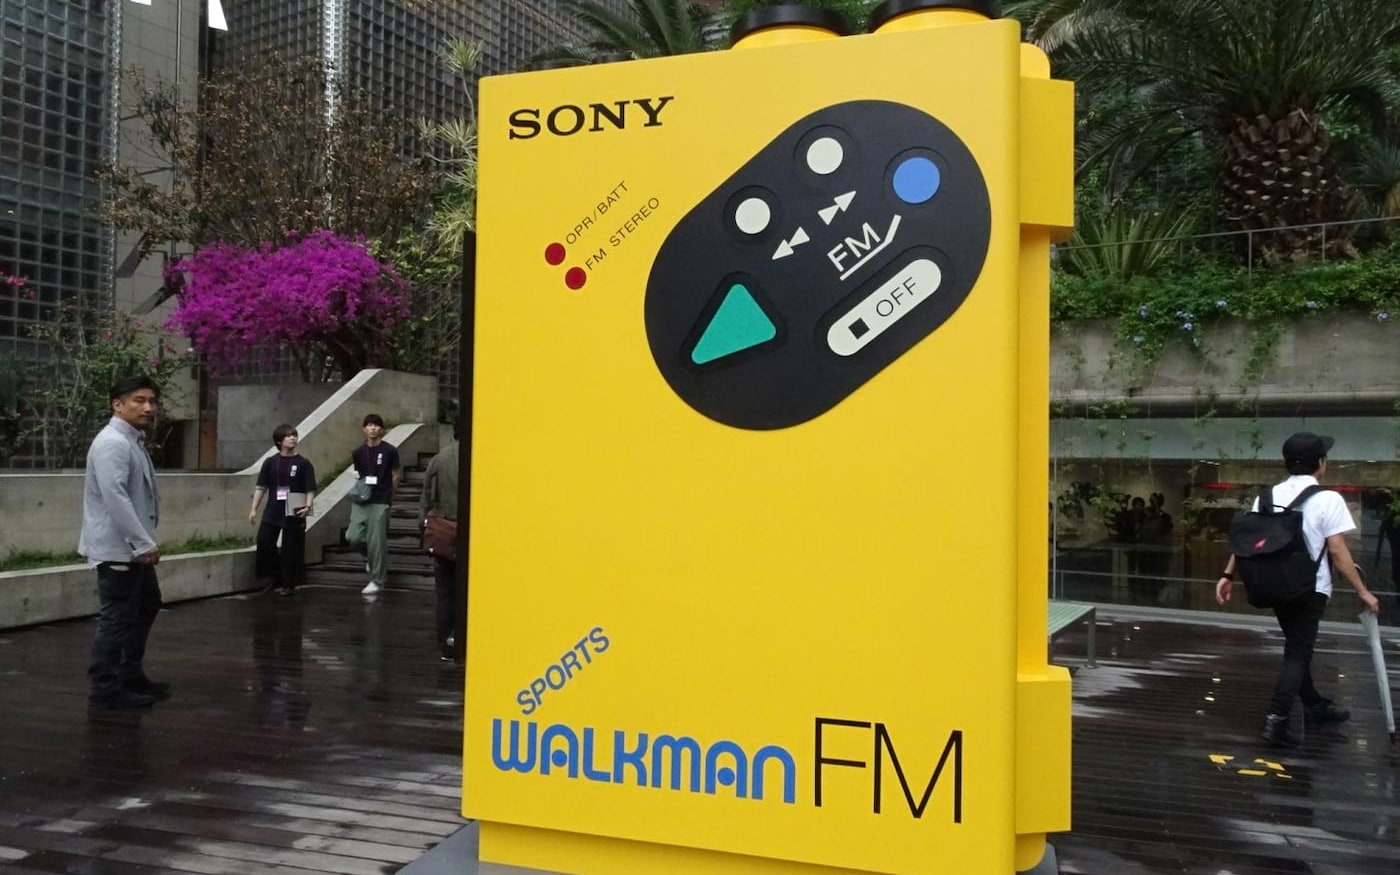 Sony Walkman completa 40 anos e realiza exposição em Tóquio, Japão